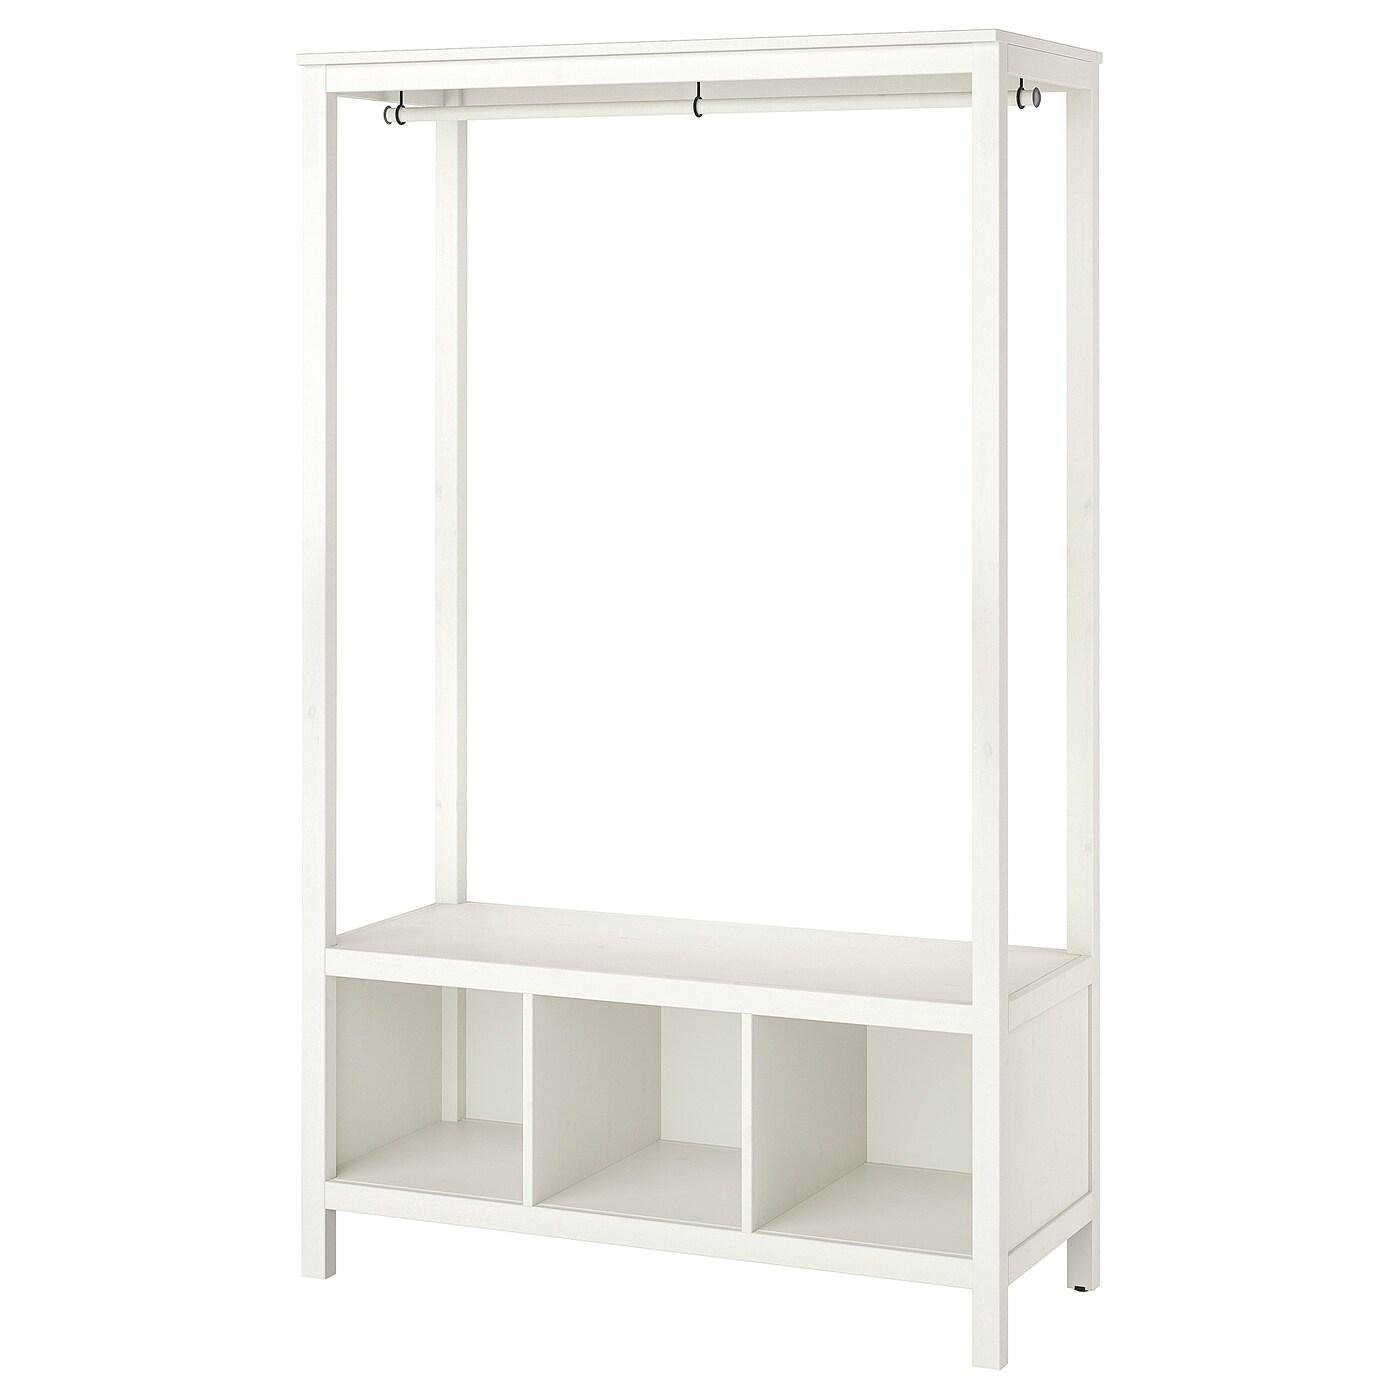 HEMNES Kleiderschrank, offen weiß las. IKEA Österreich